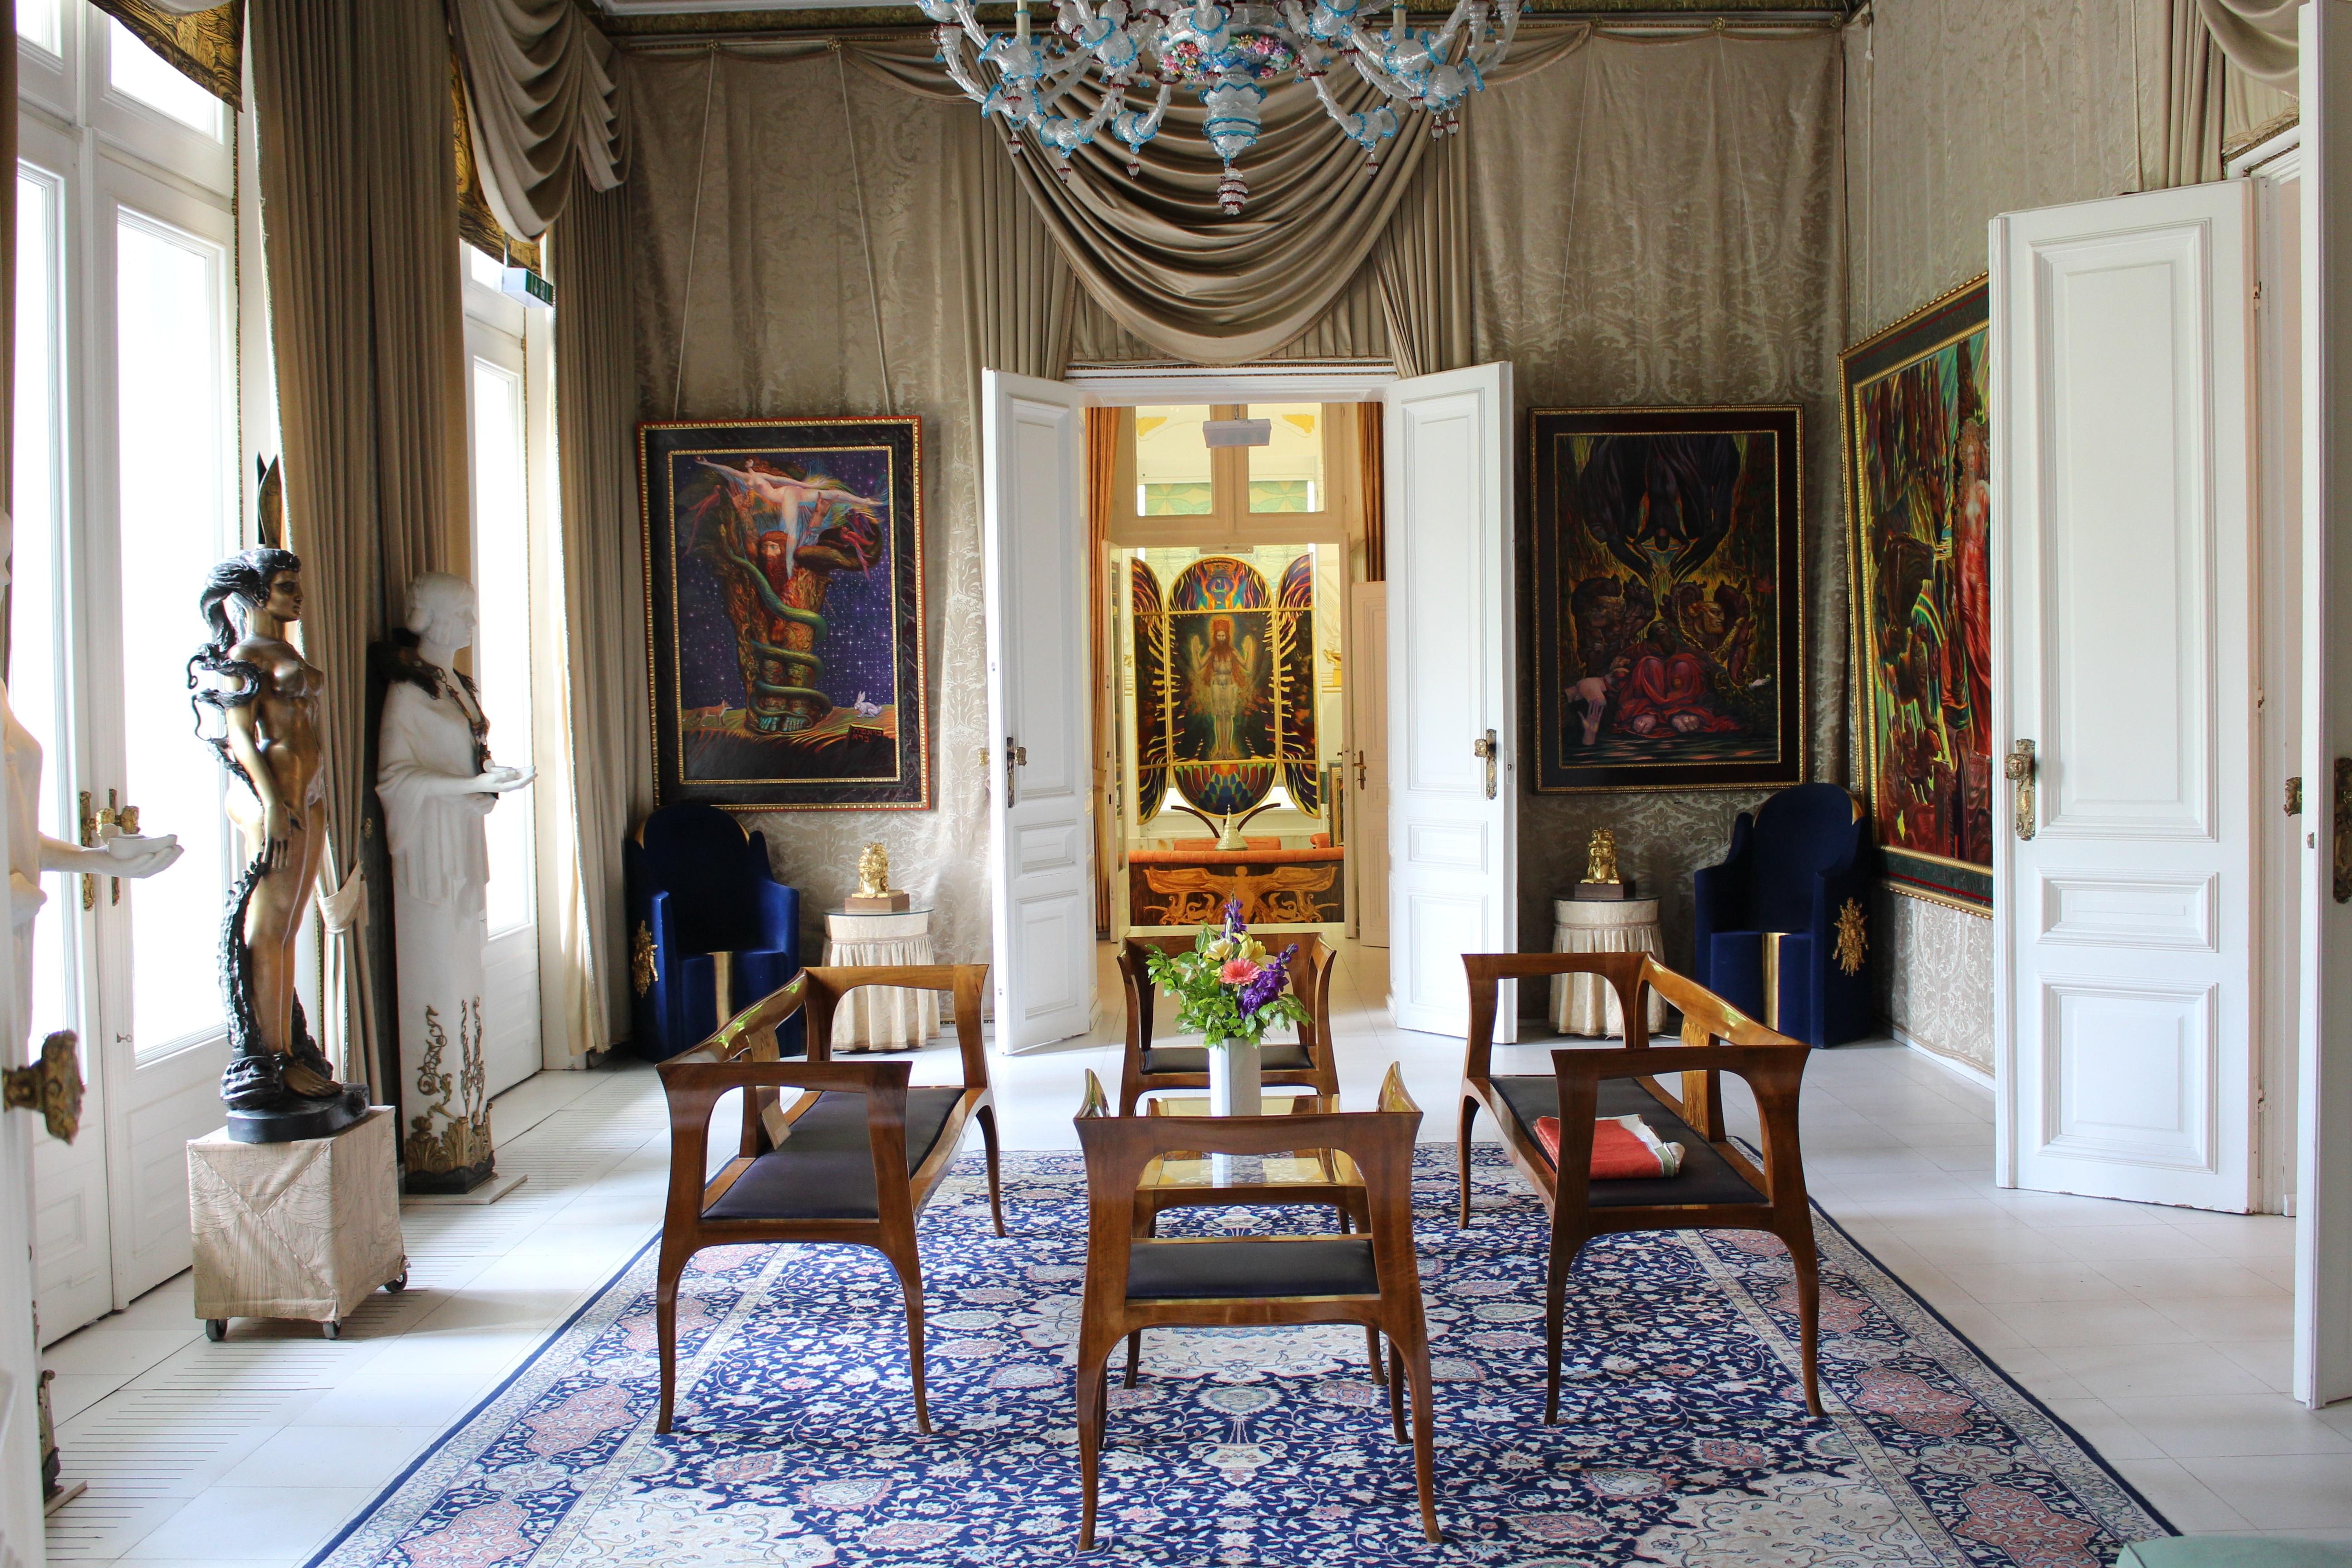 villa palacio piso edificio casa sala propiedad sala mueble habitacin diseo de interiores austria diseo